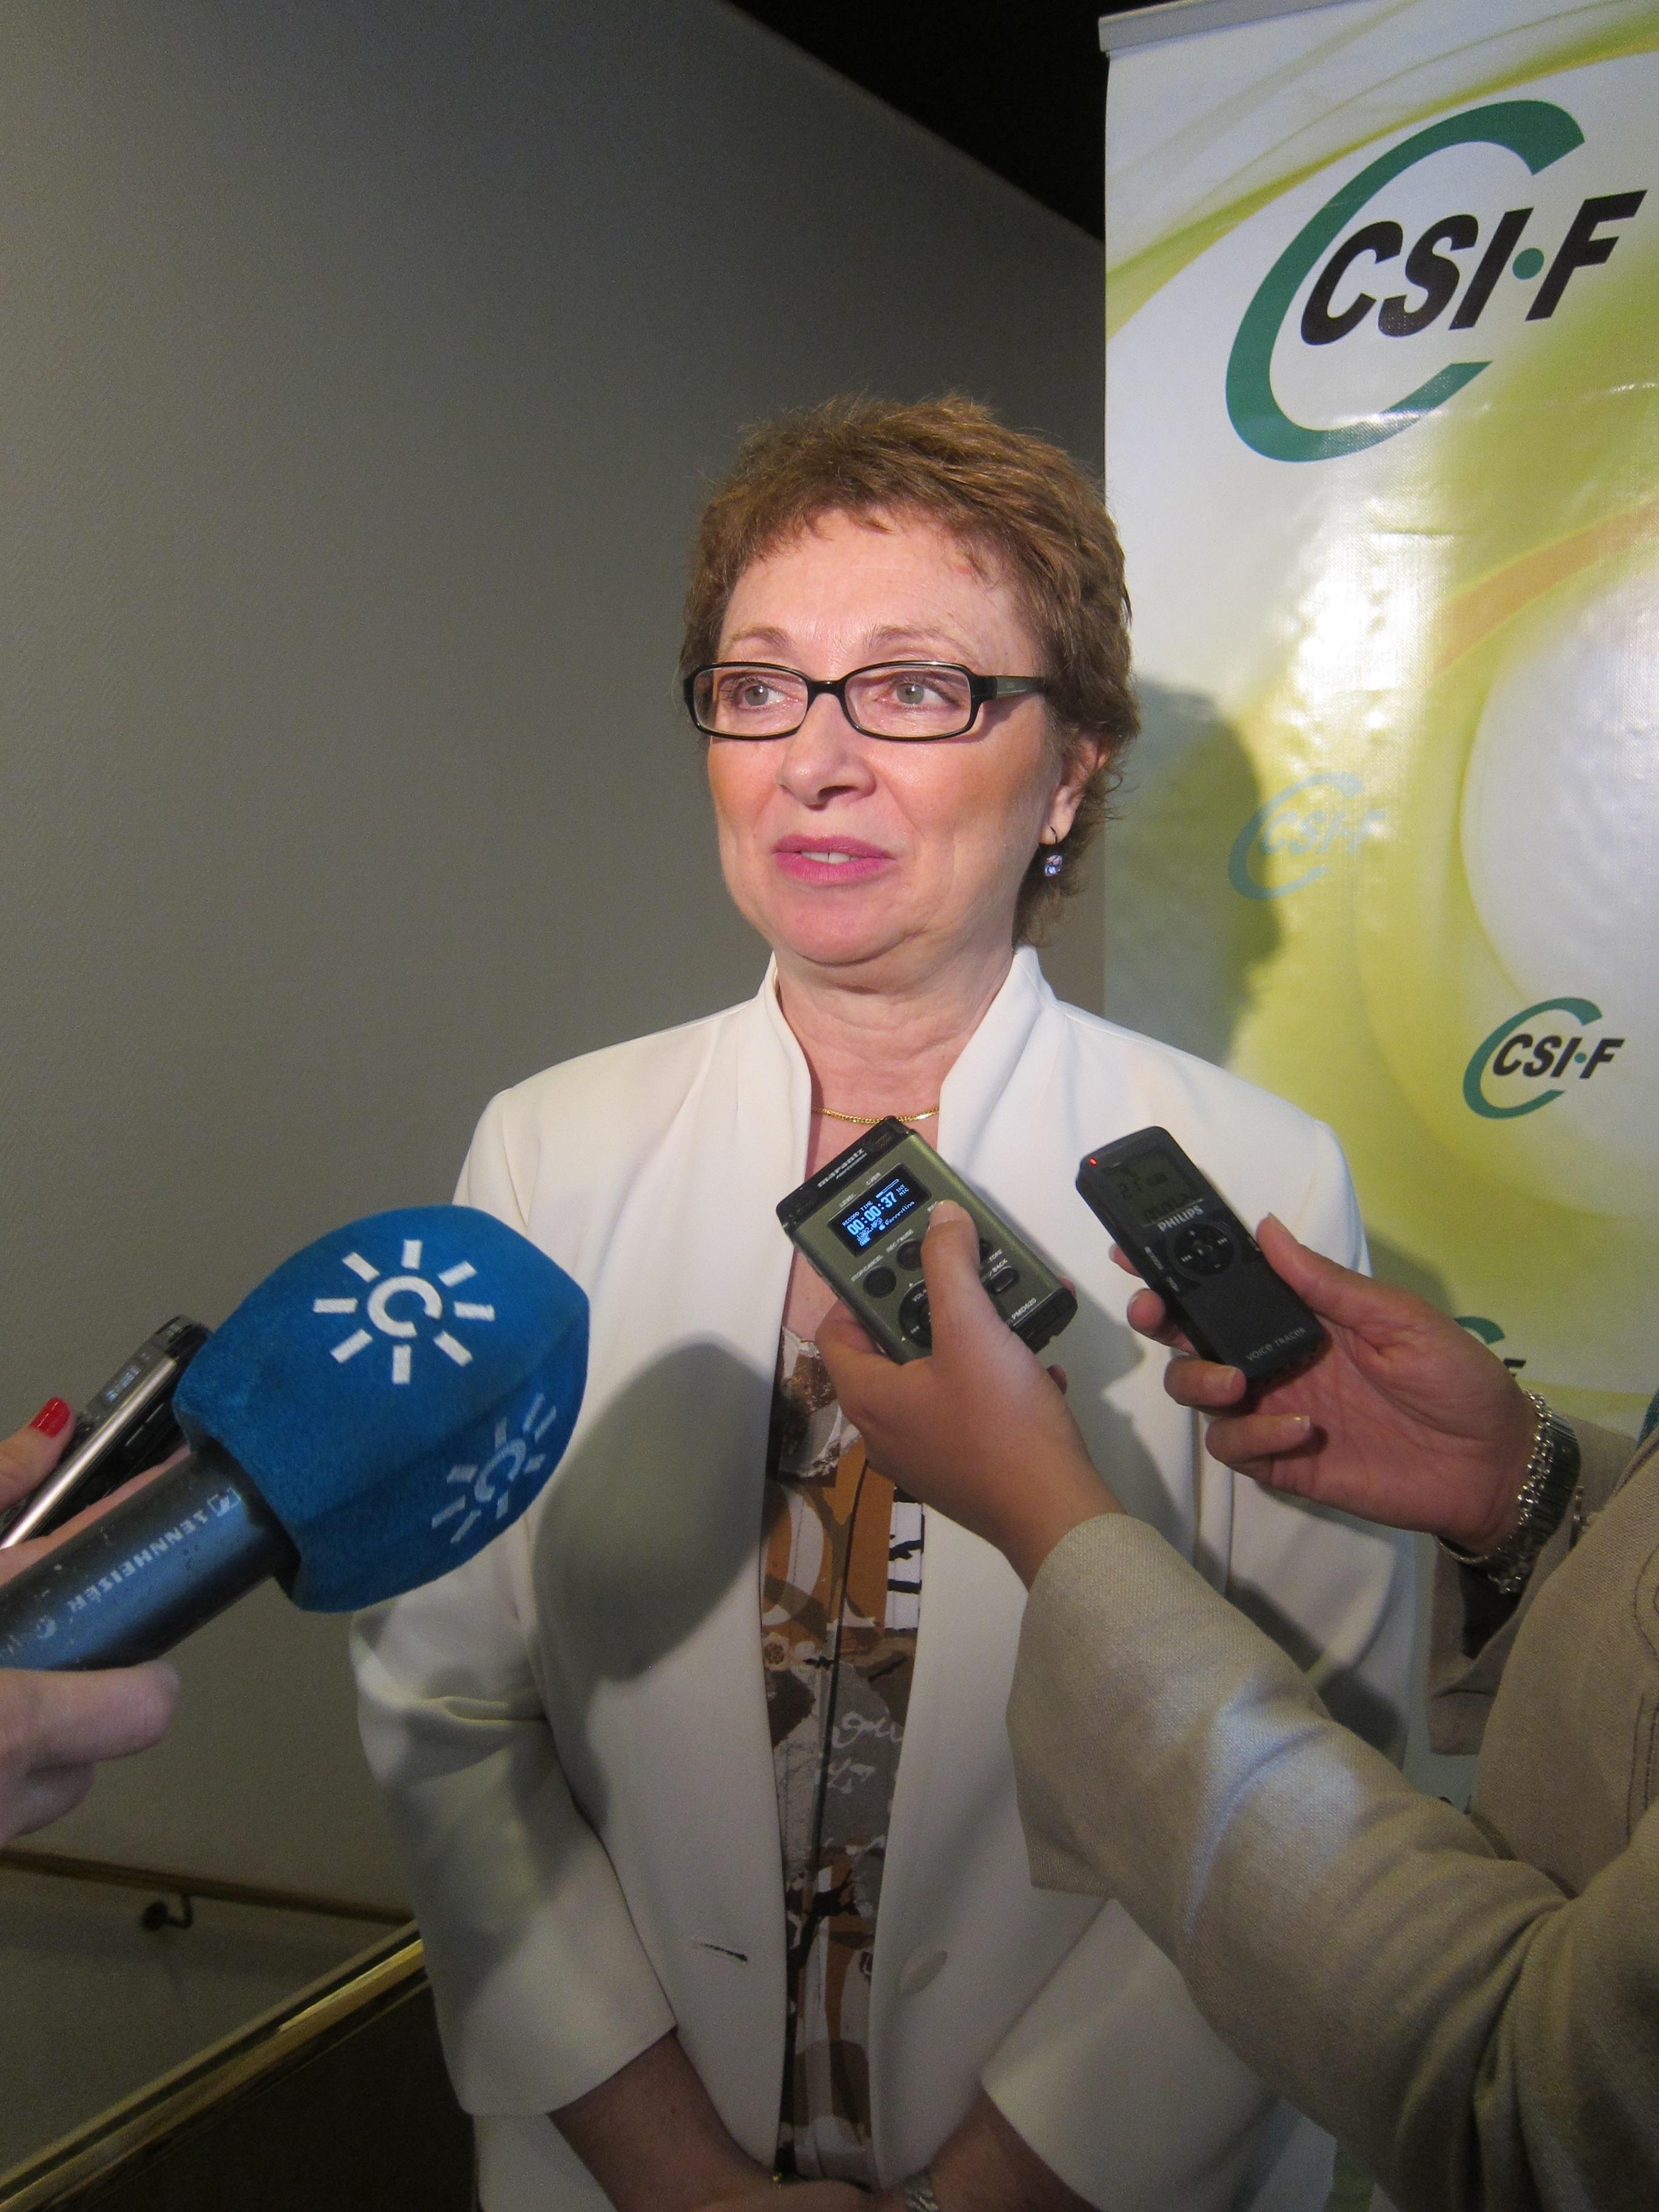 La Junta de Andalucía aboga por desmontar «tópicos» sobre que el gasto público y las CCAA sean causantes de la crisis